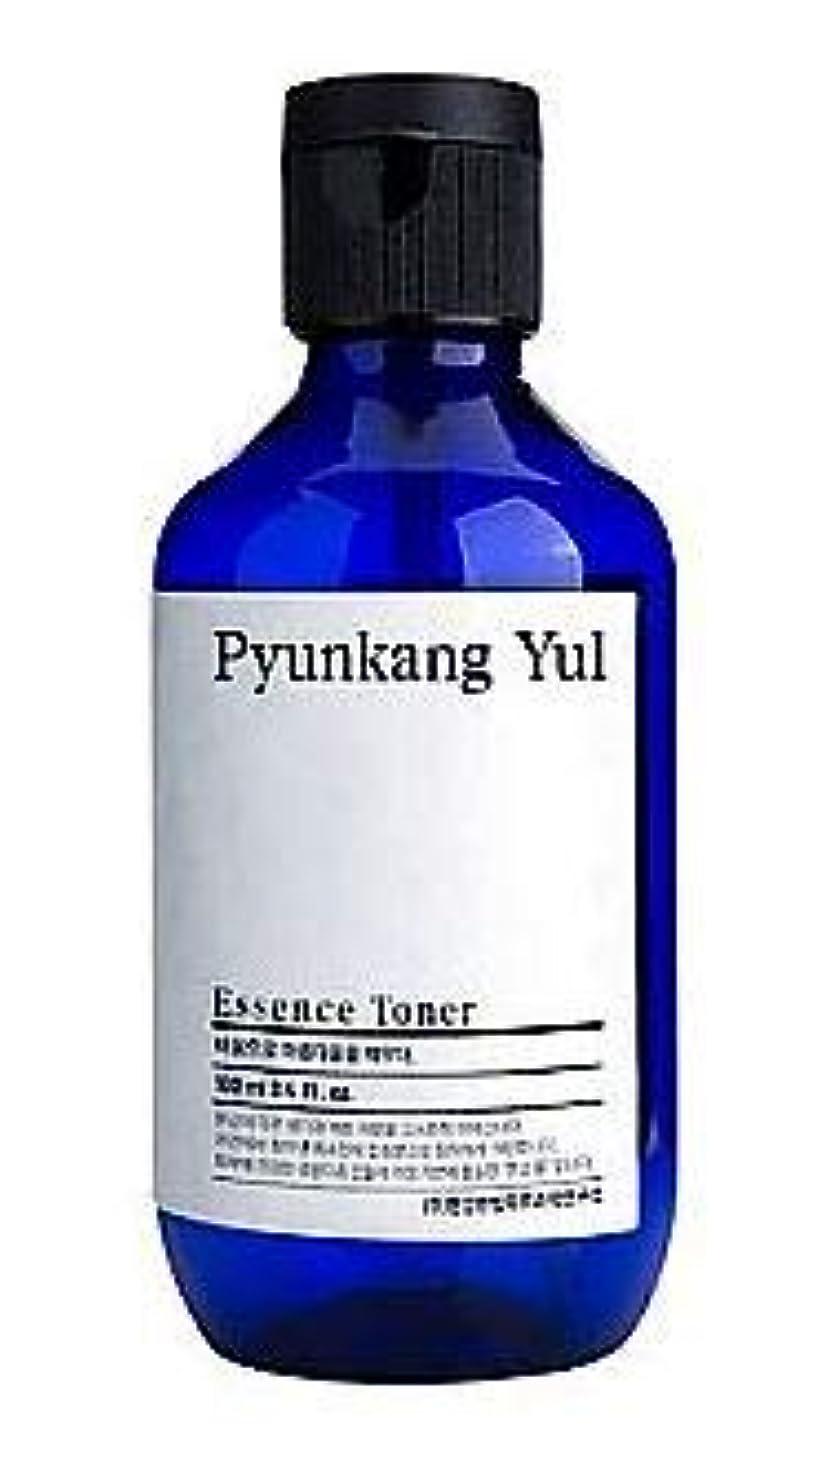 一プレビュー動作[Pyunkang Yul] Essence Toner 100ml /[扁康率(PYUNKANG YUL)] エッセンストナー 100ml [並行輸入品]